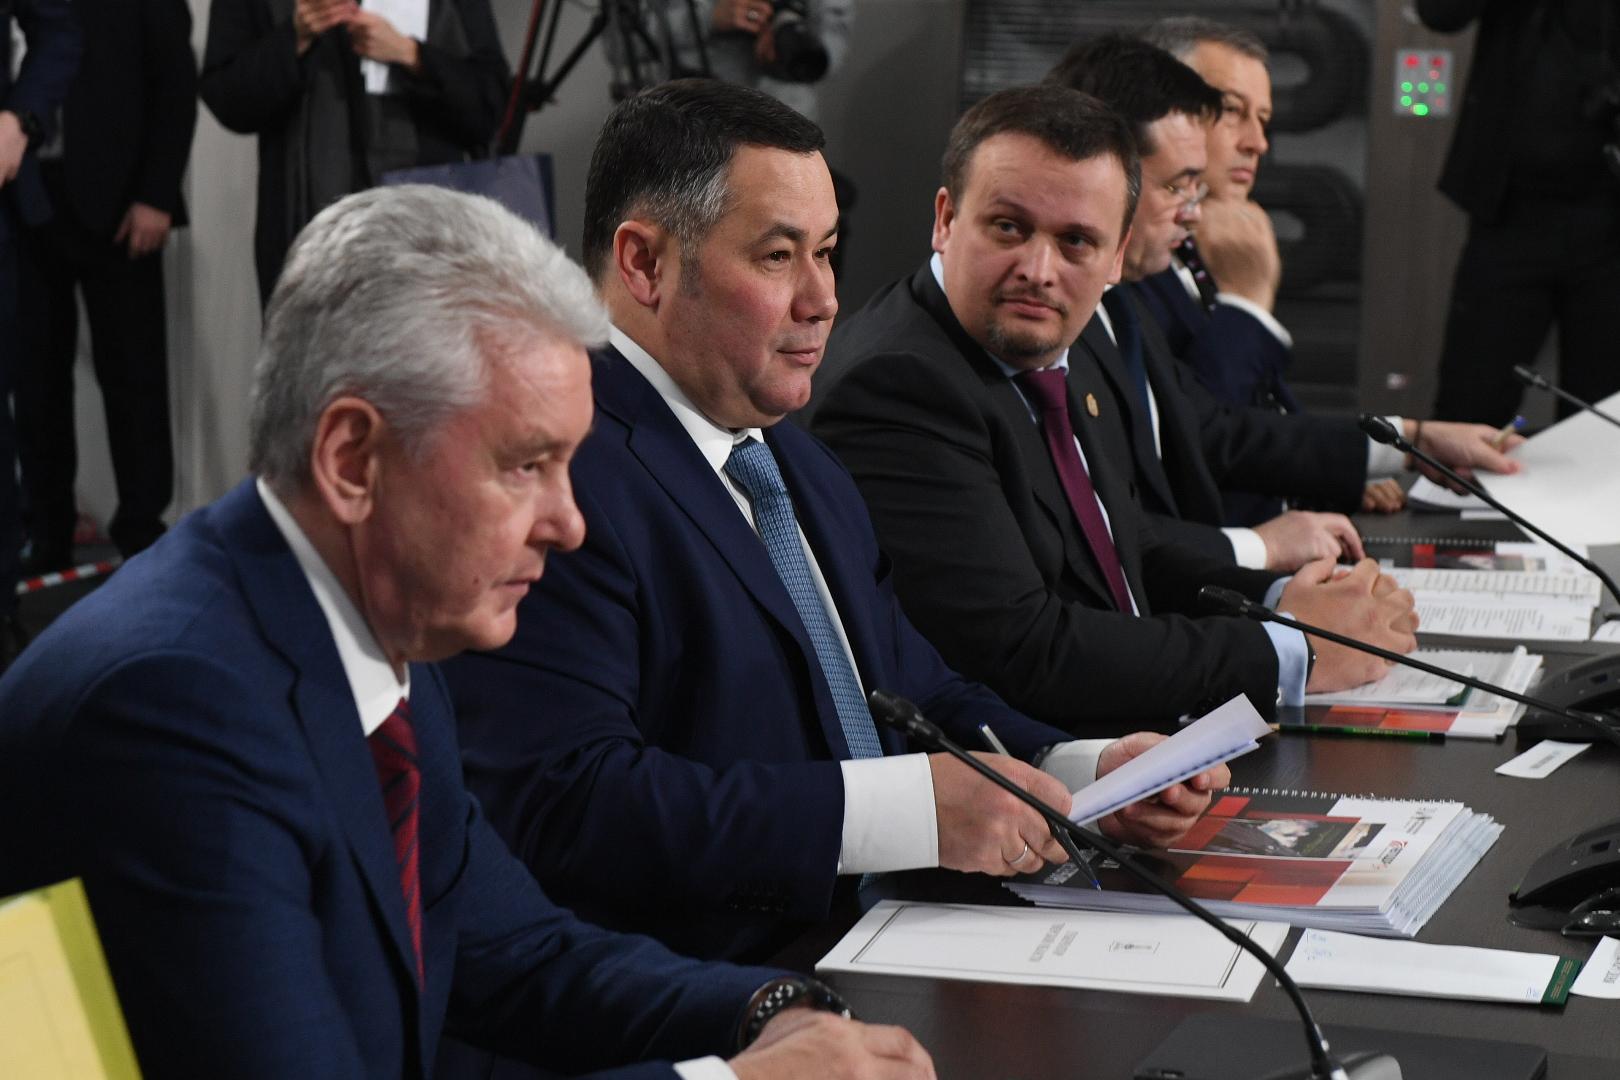 Сергей Собянин, Игорь Руденя